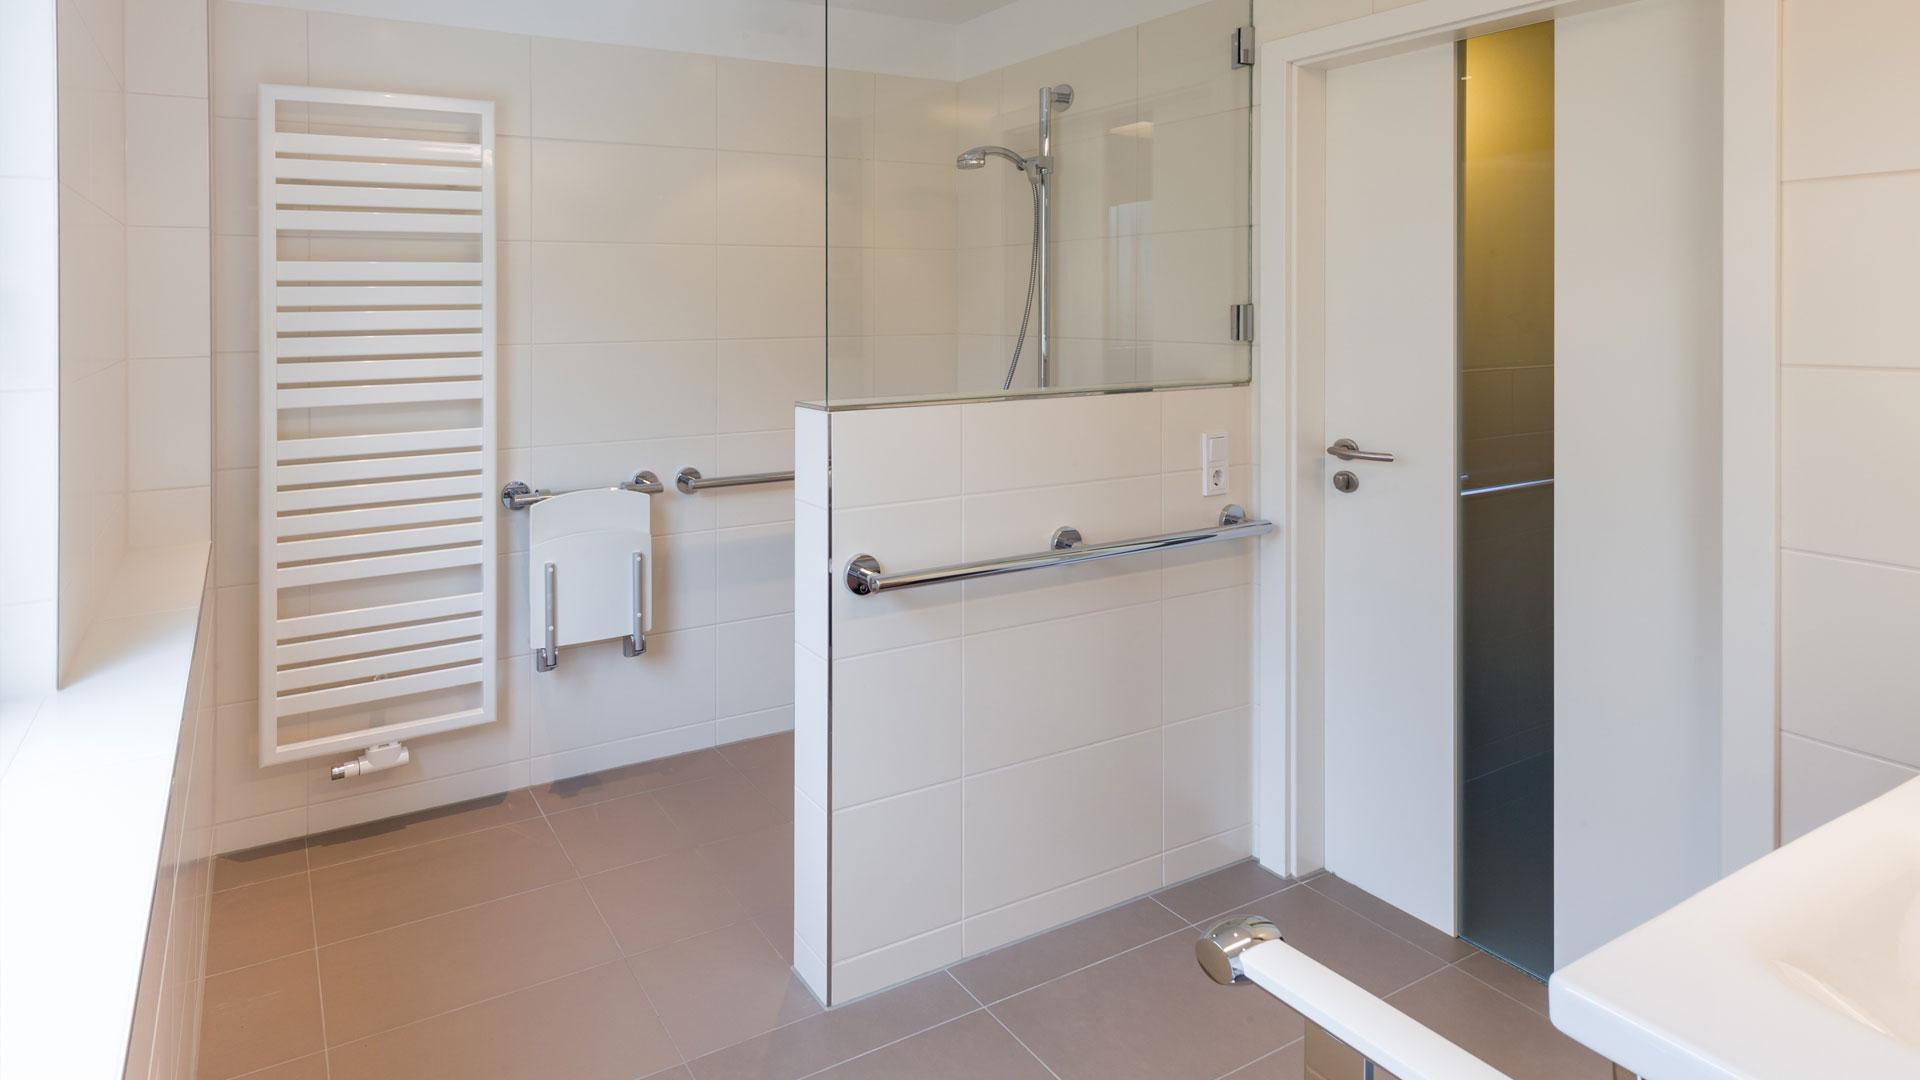 barrierefreie, ebenerdige, bodengleiche Dusche mit Sitz